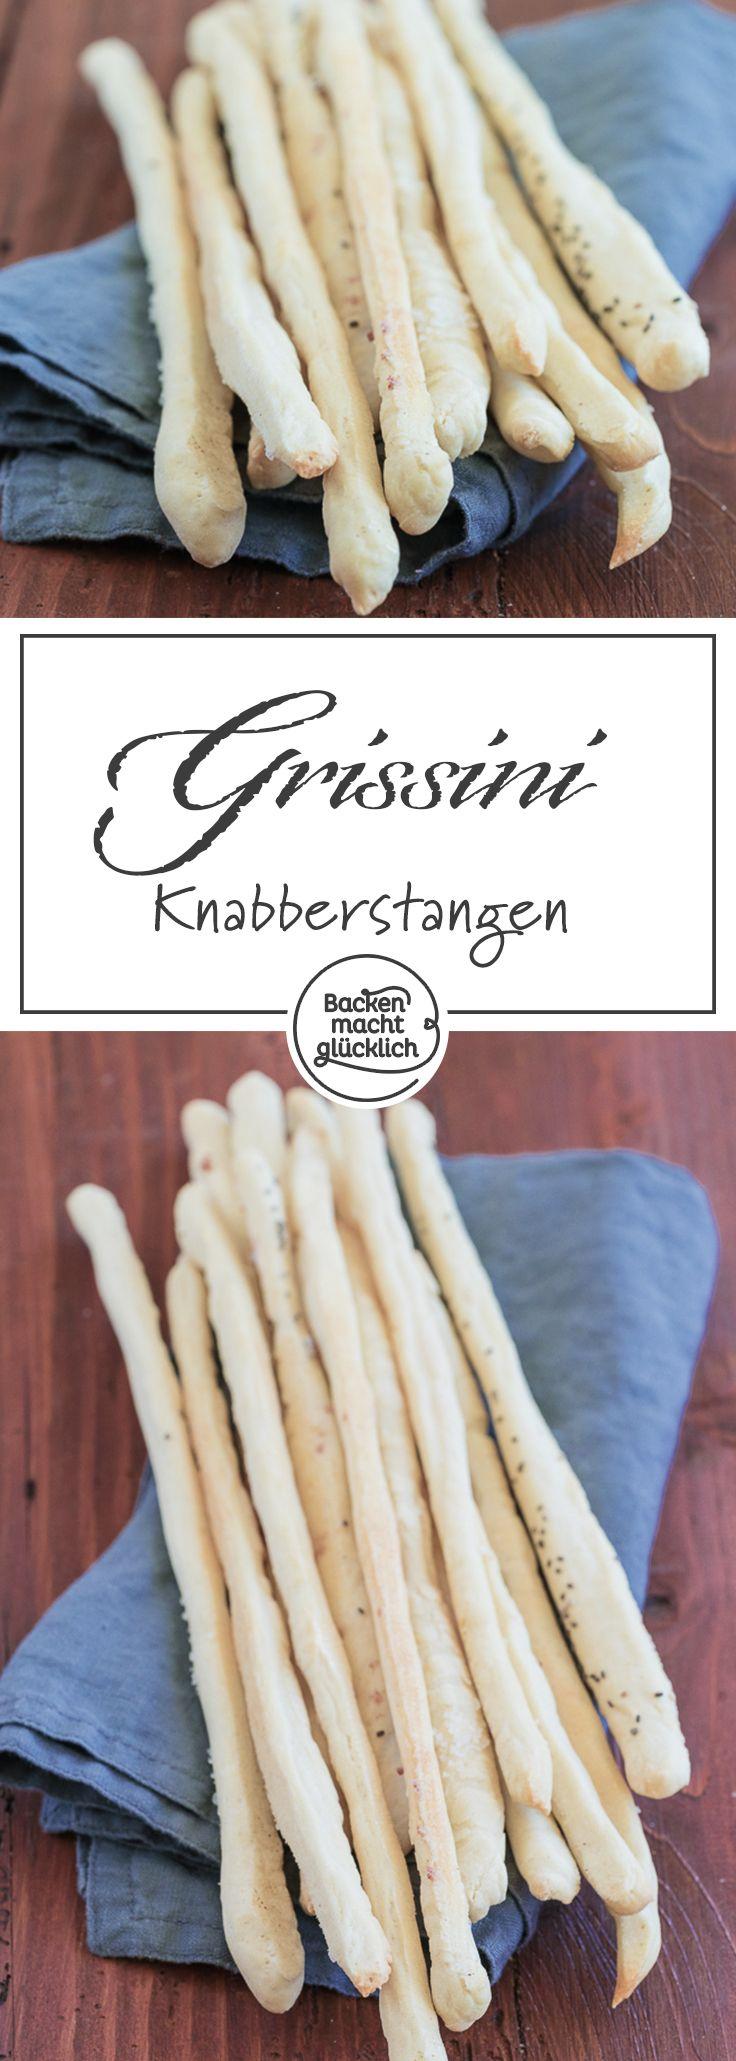 Grissini sind der italienische Knabber-Klassiker schlechthin: Diese knusprigen Grissini sind perfekt für Buffets, Vorspeisen oder einfach zum Snacken.